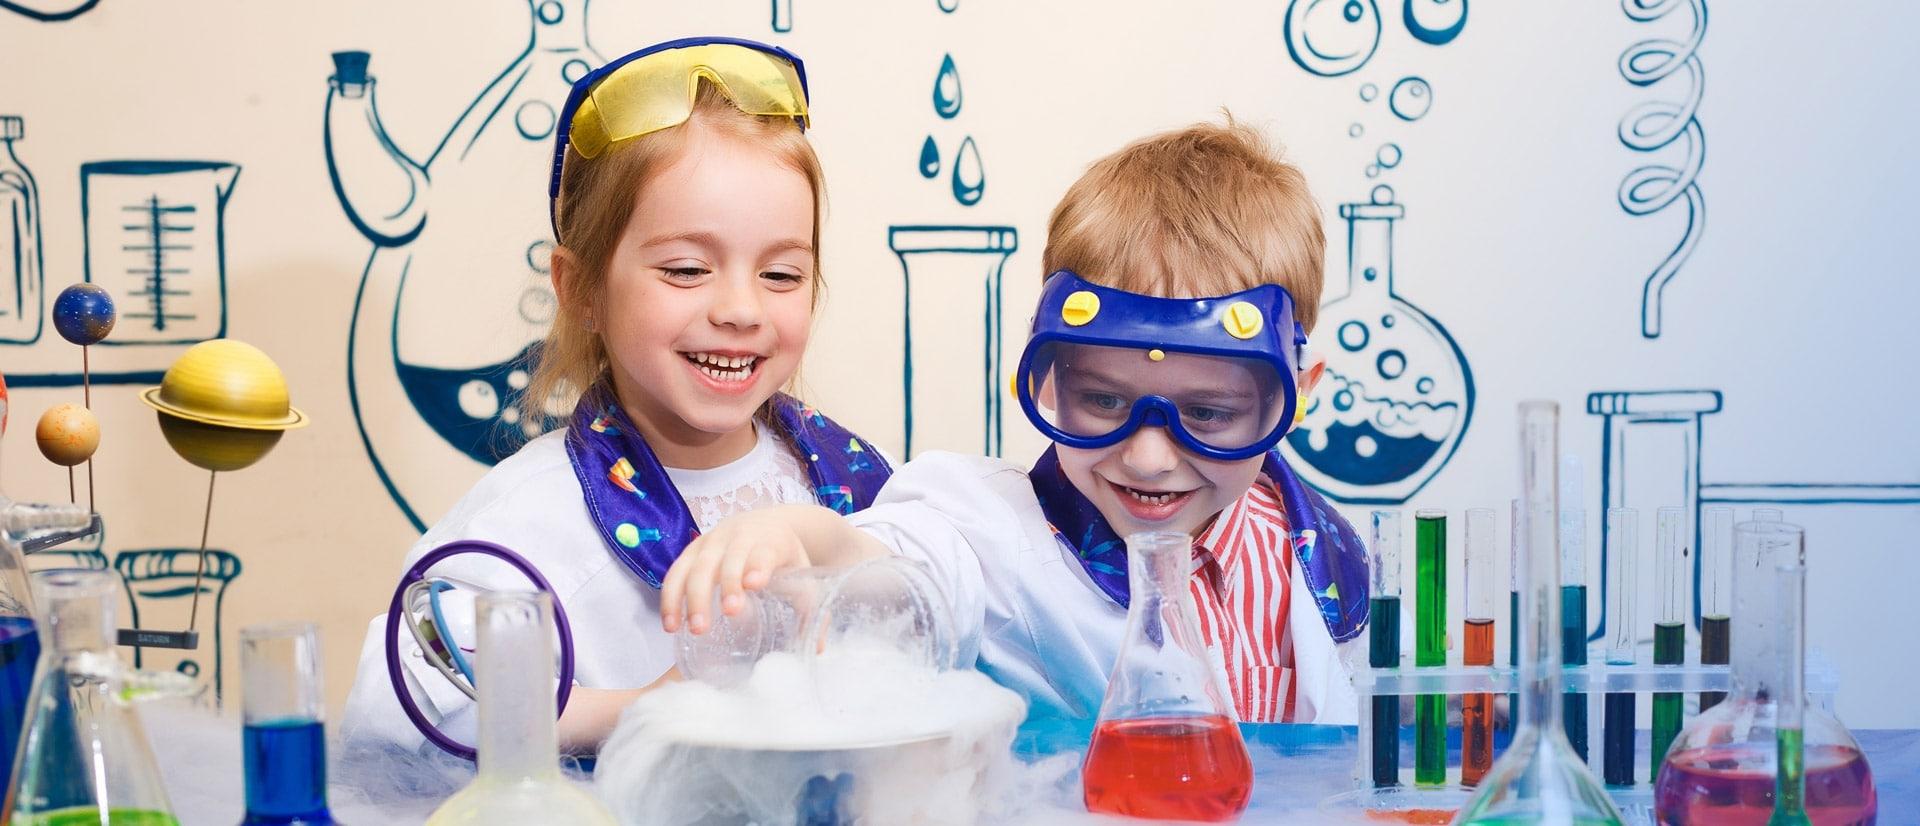 Παιδικά Εργαστήρια Beautylab